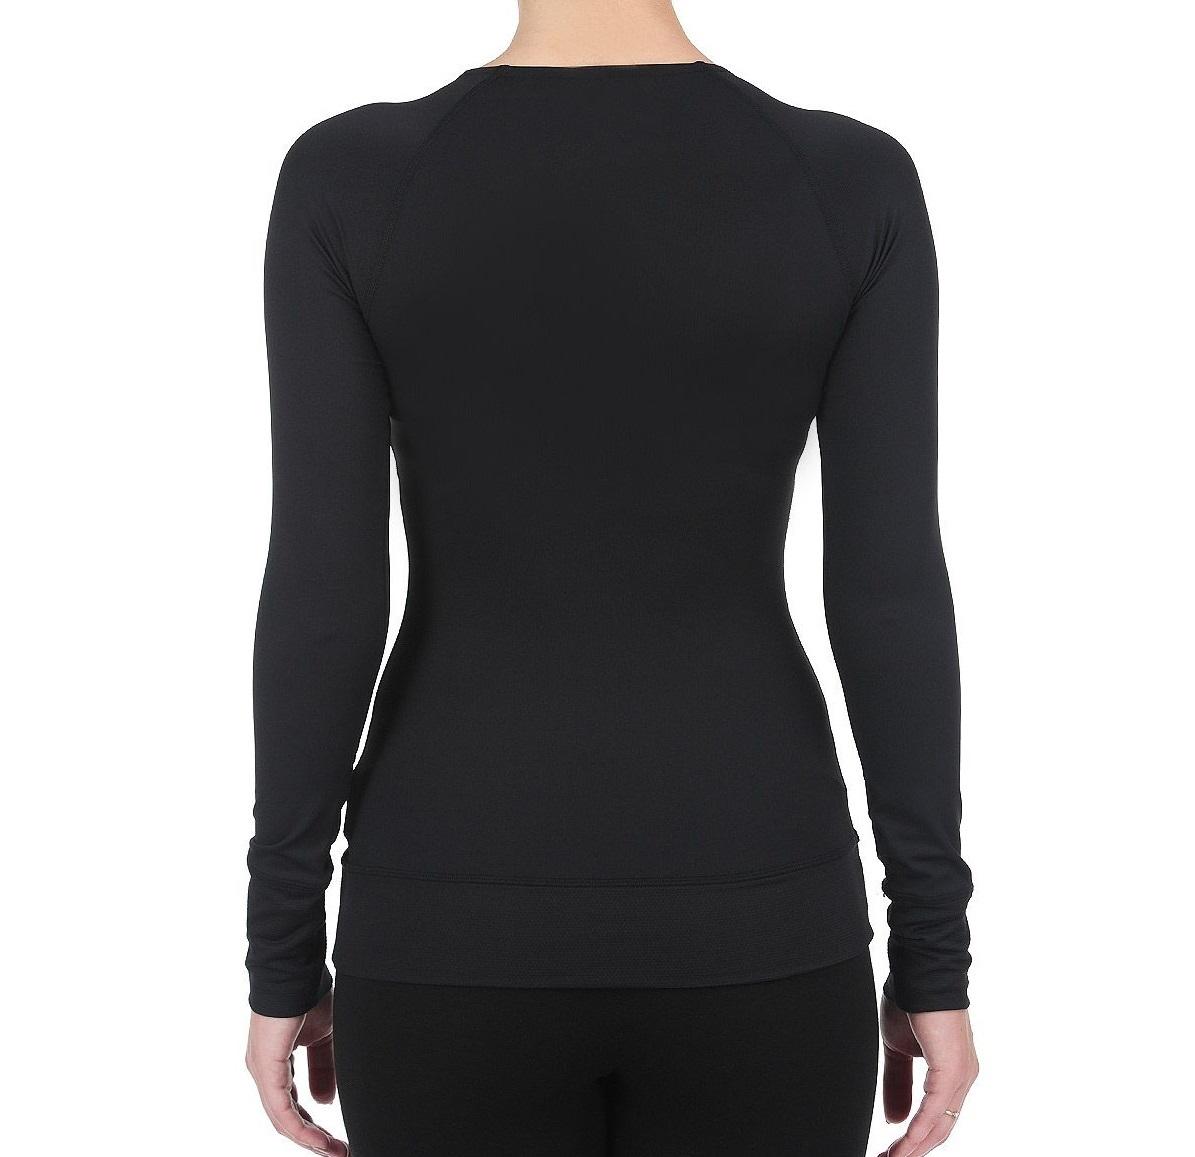 Женская футболка с длинным рукавом асикс Long Sleeve Tee (124668 0904)